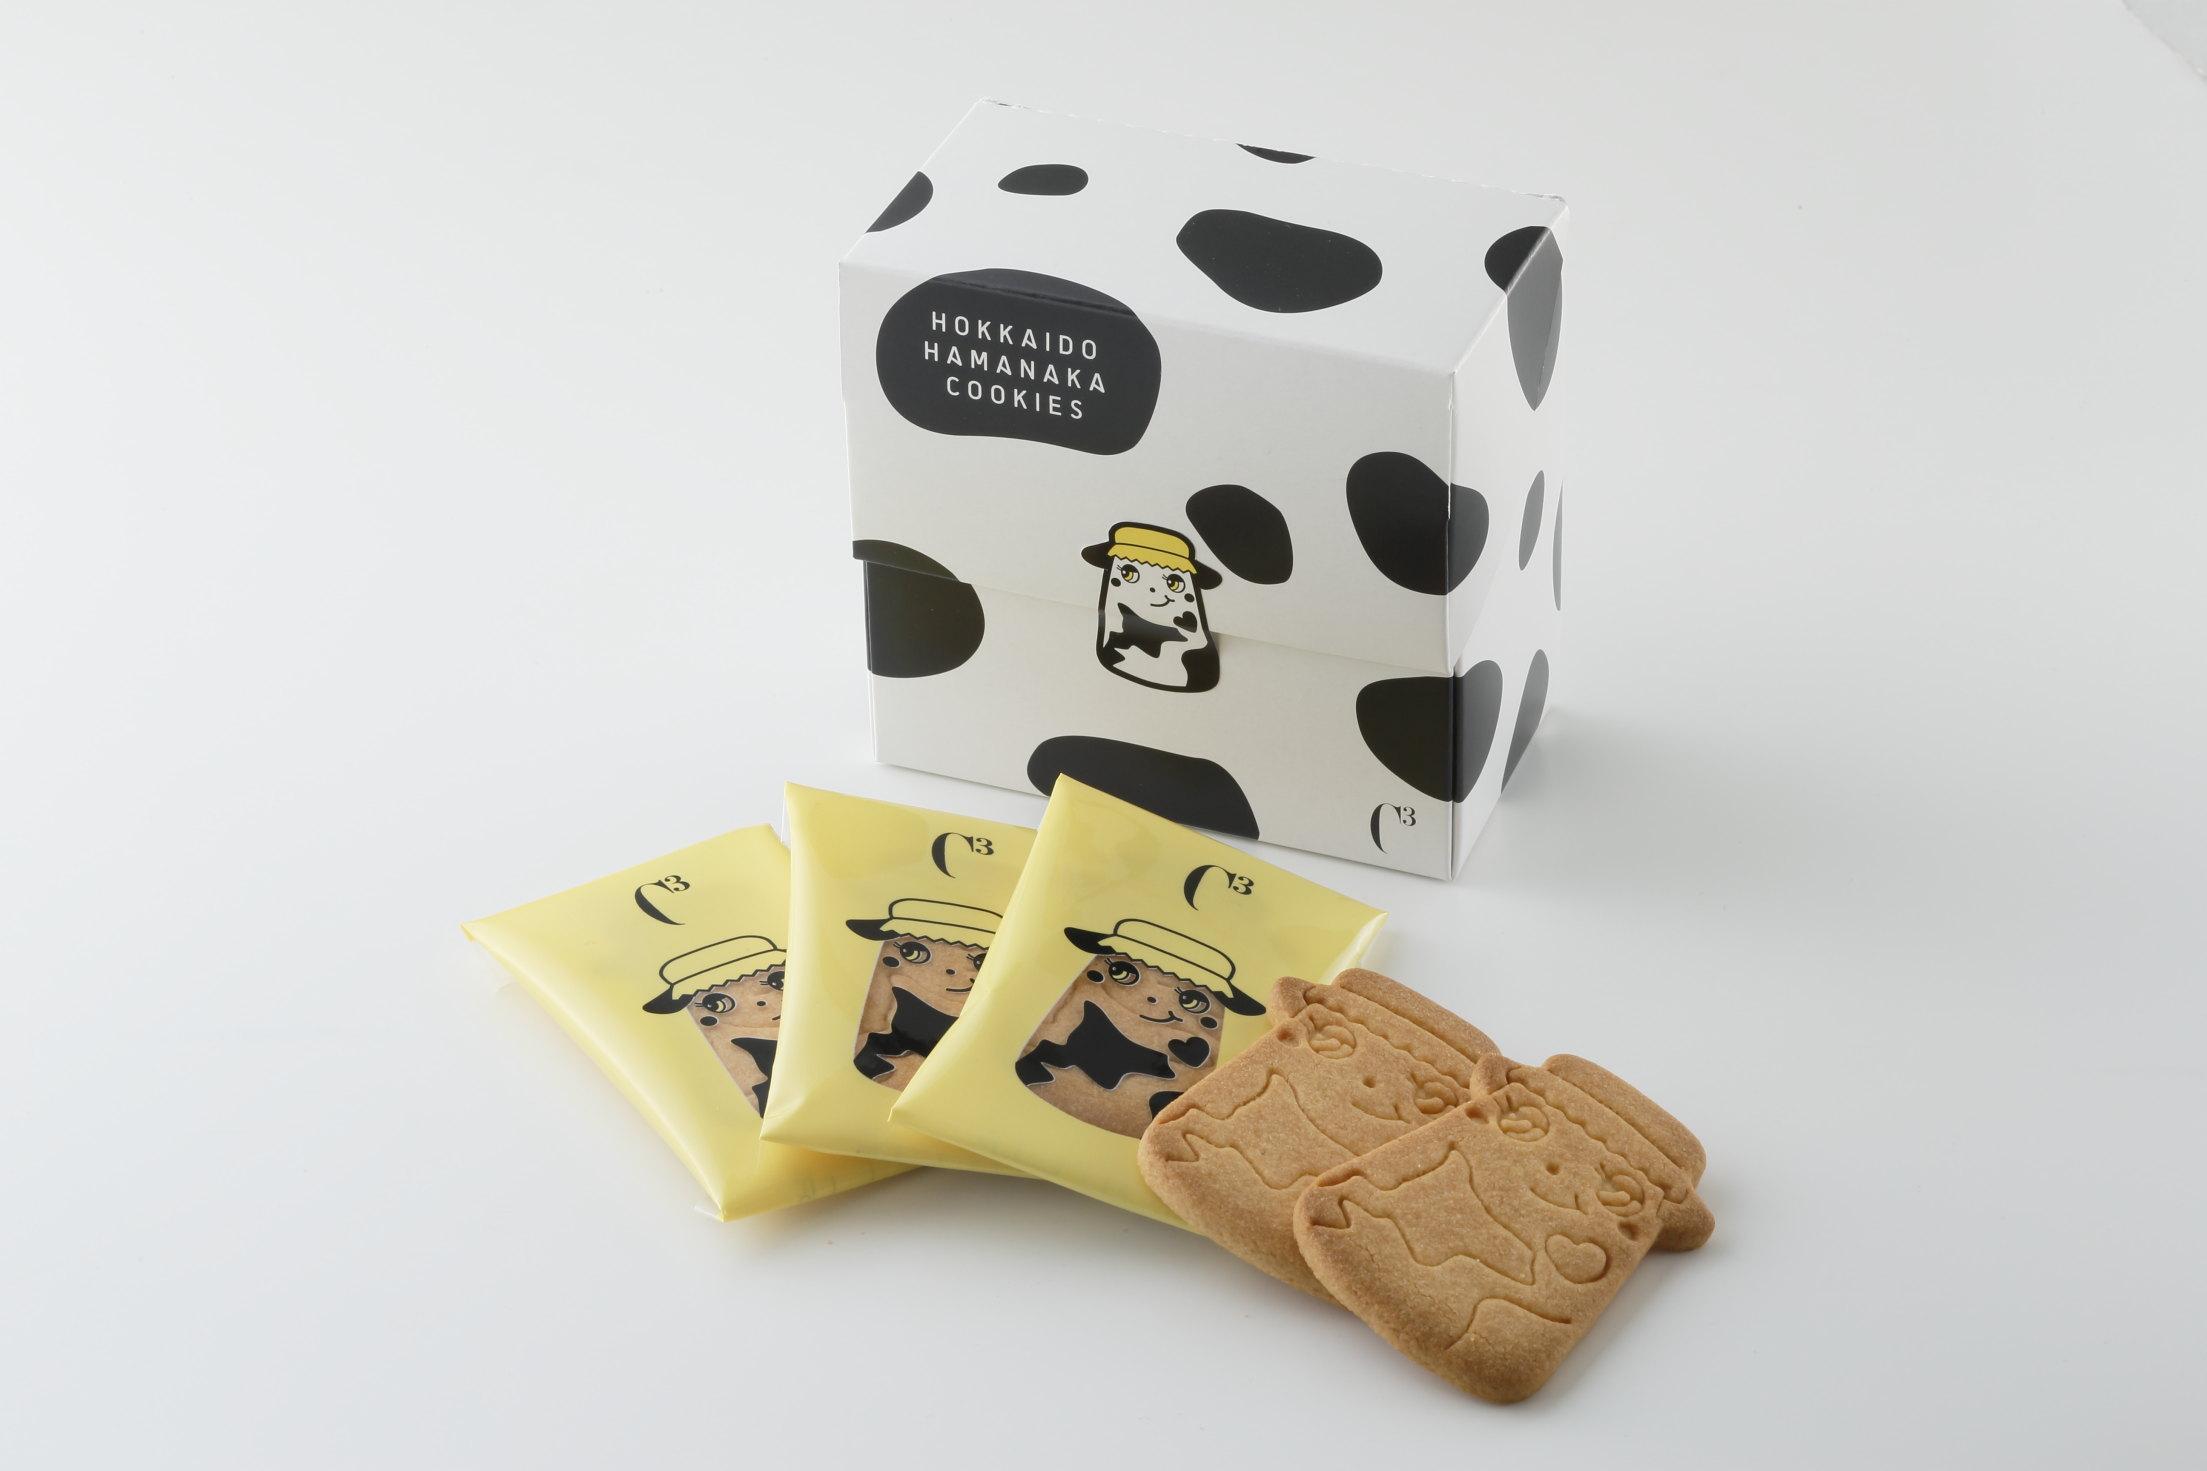 シーキューブ、「北海道浜中クッキー」 を11月1日(日)より全国で販売開始